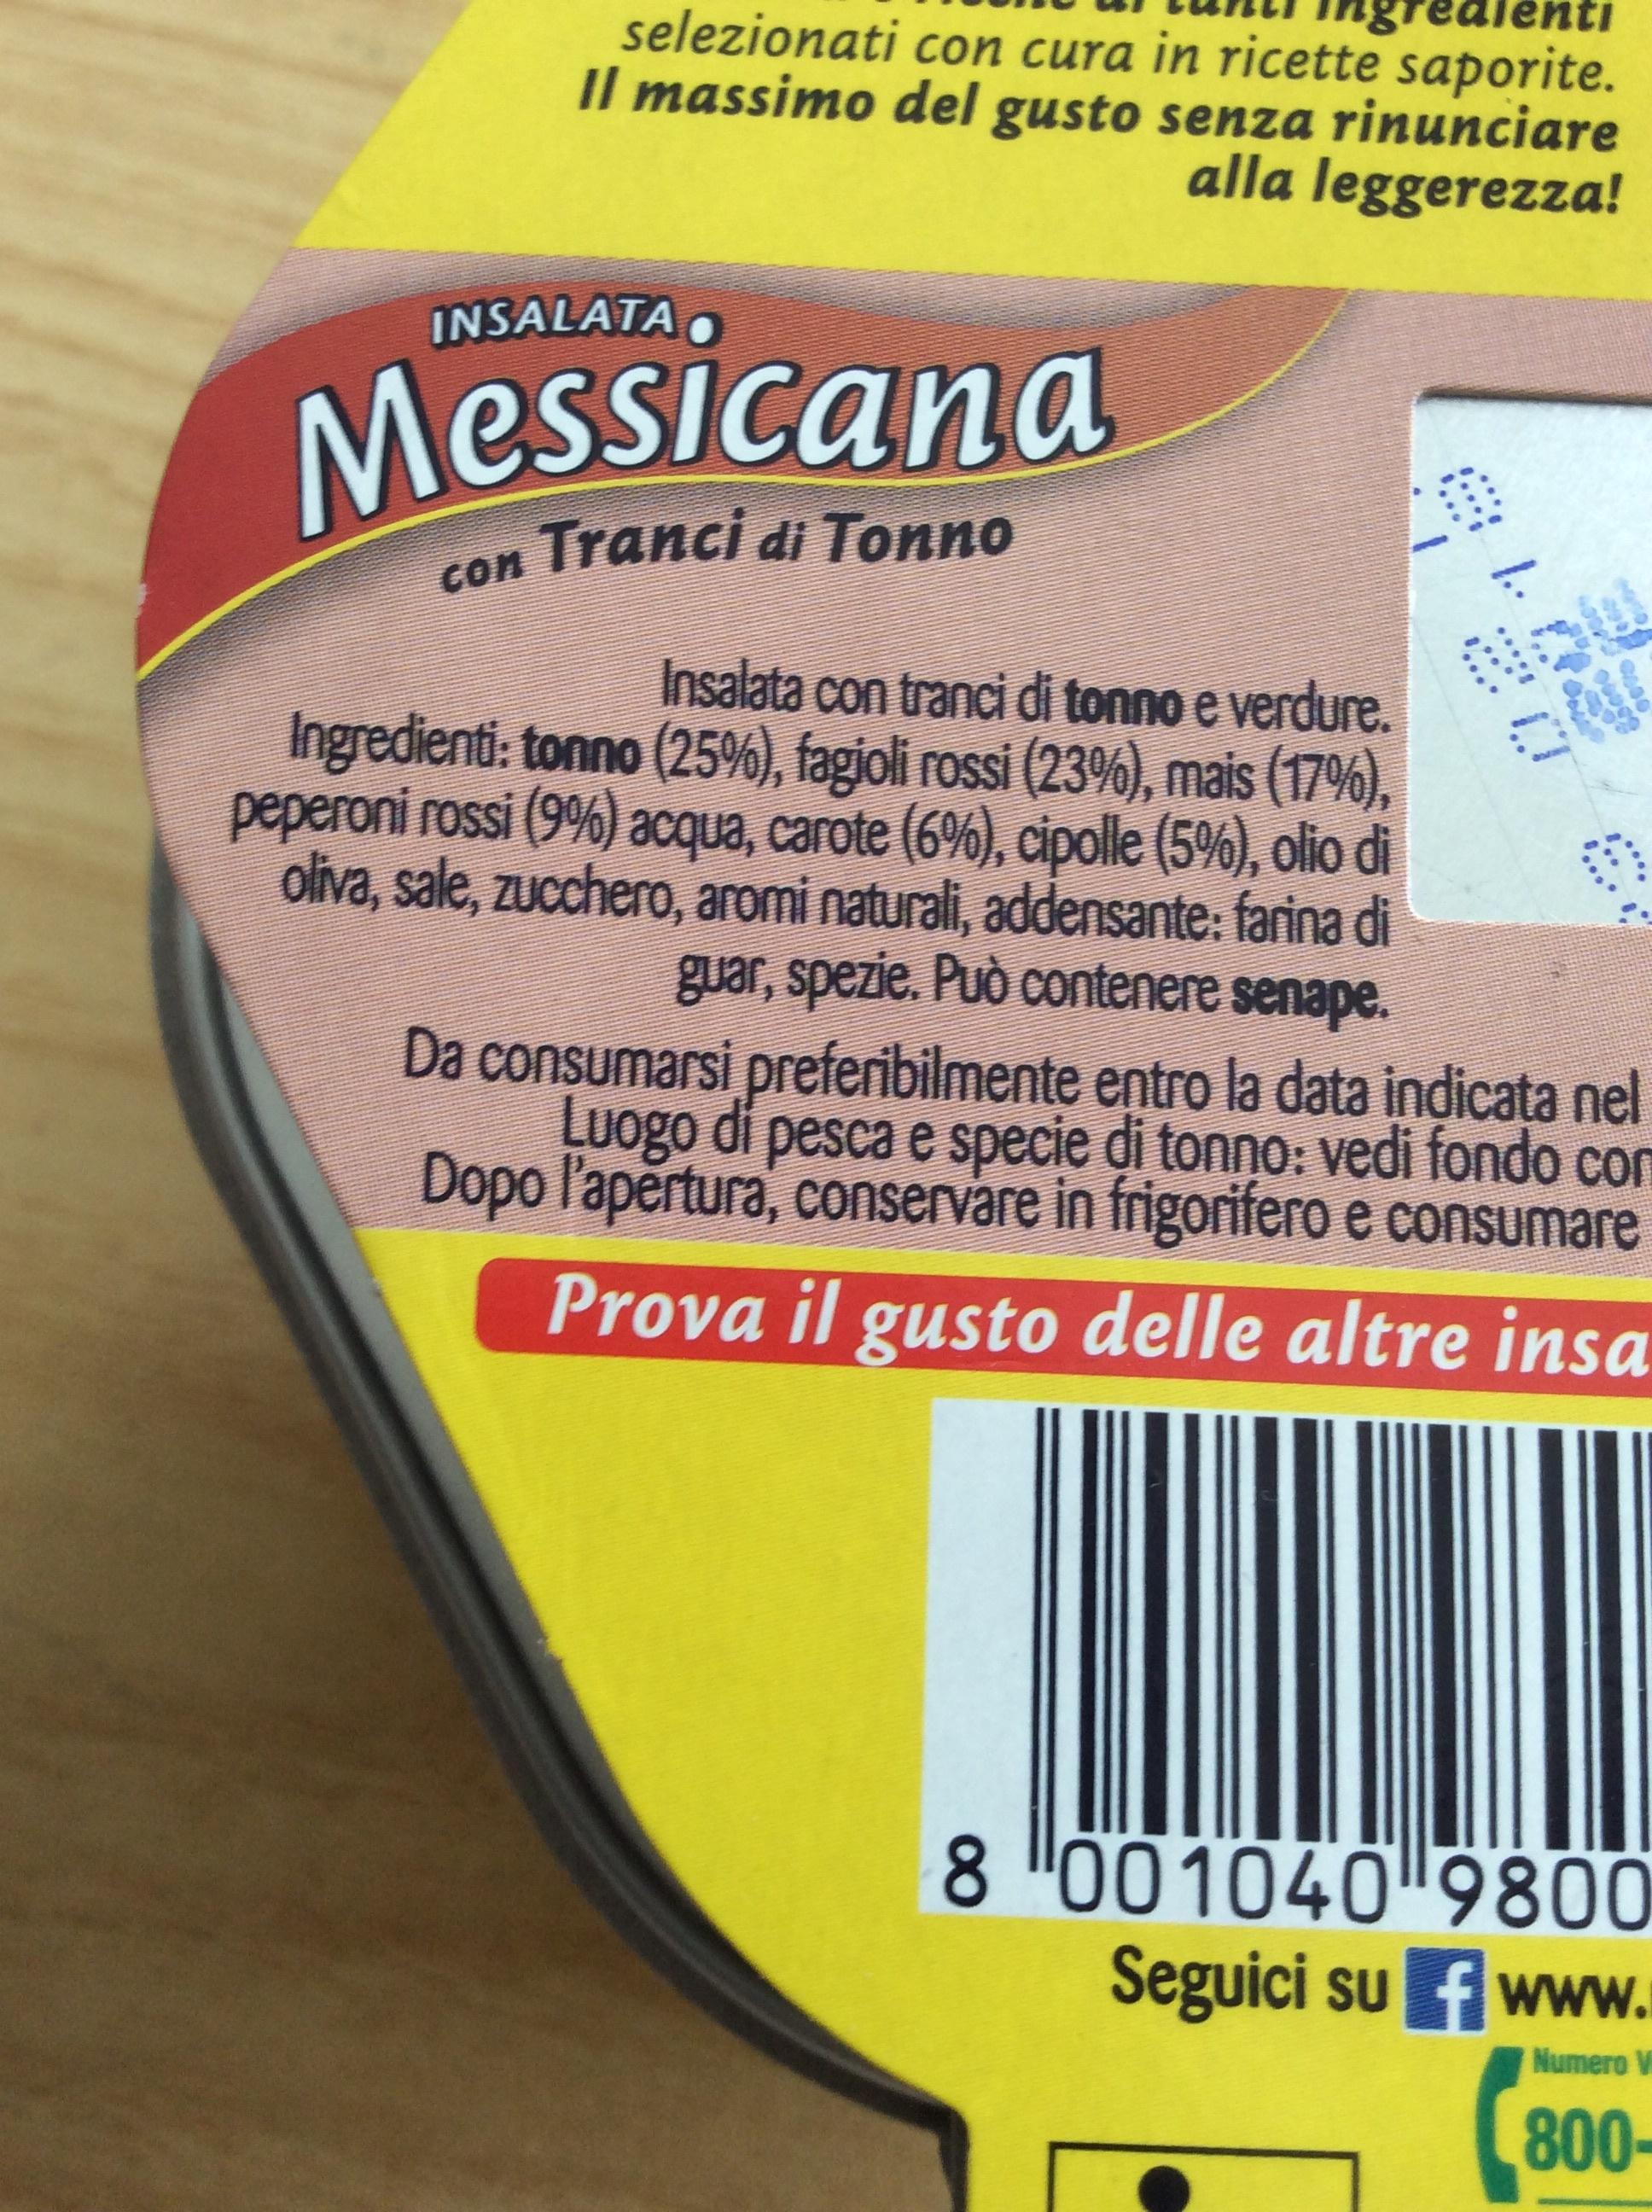 Mareblu Insalata Messicana - Ingredients - it